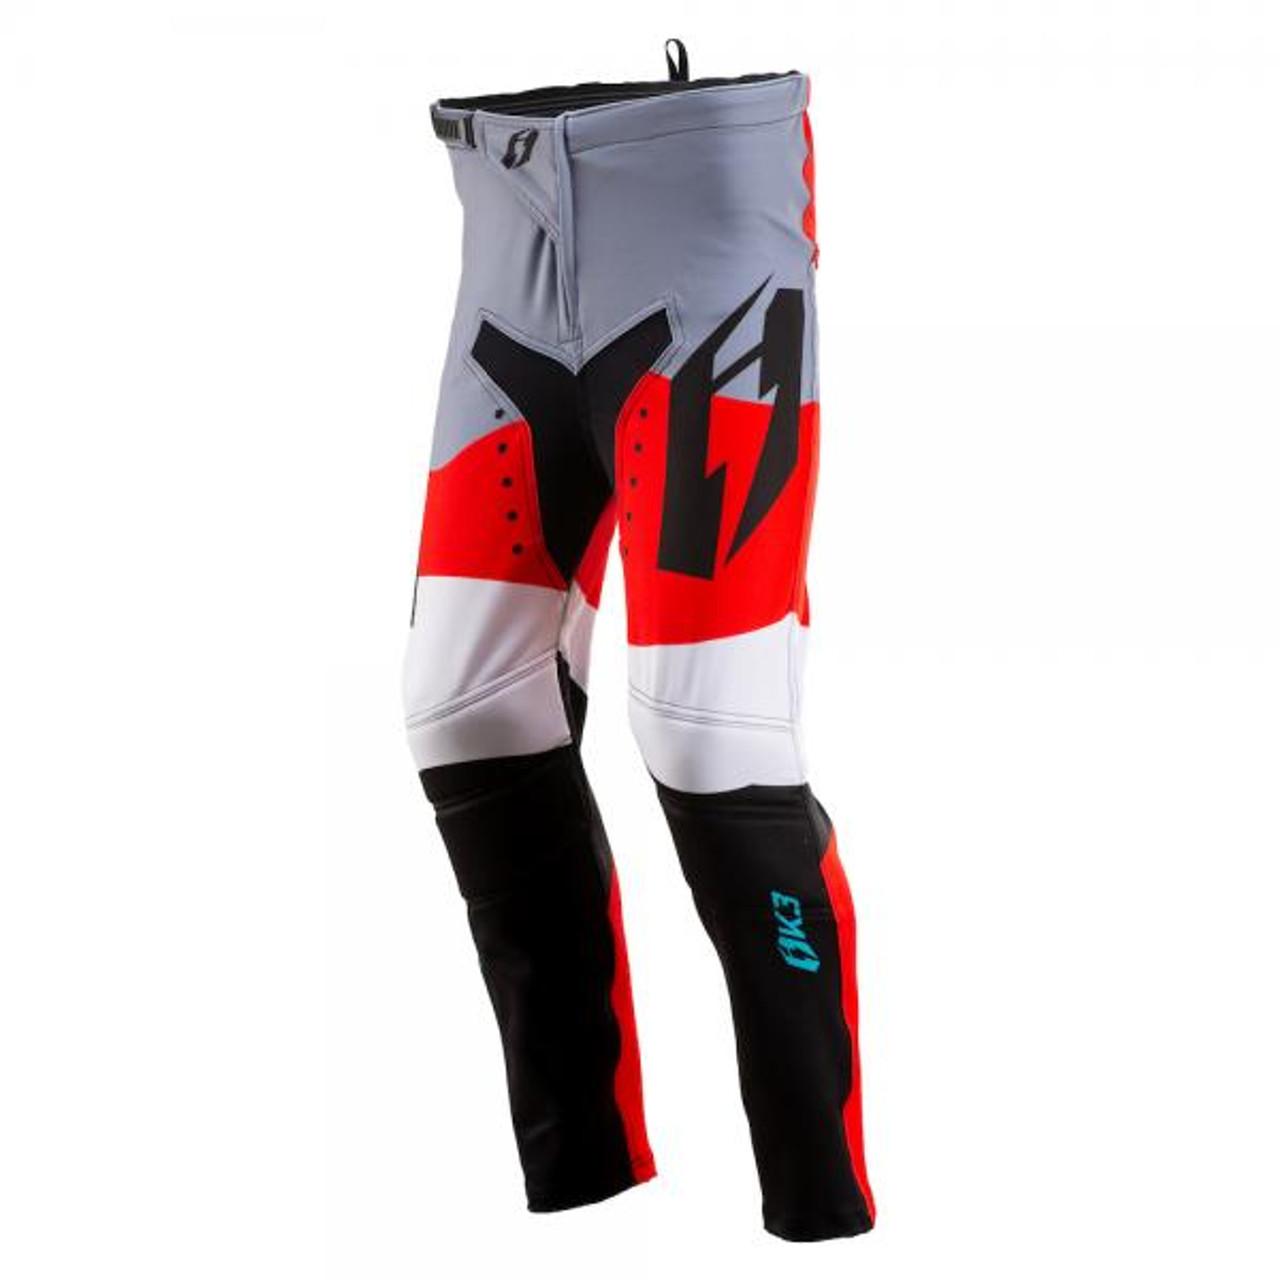 Kid's trials pants K3 Wave, black/ red/ teal